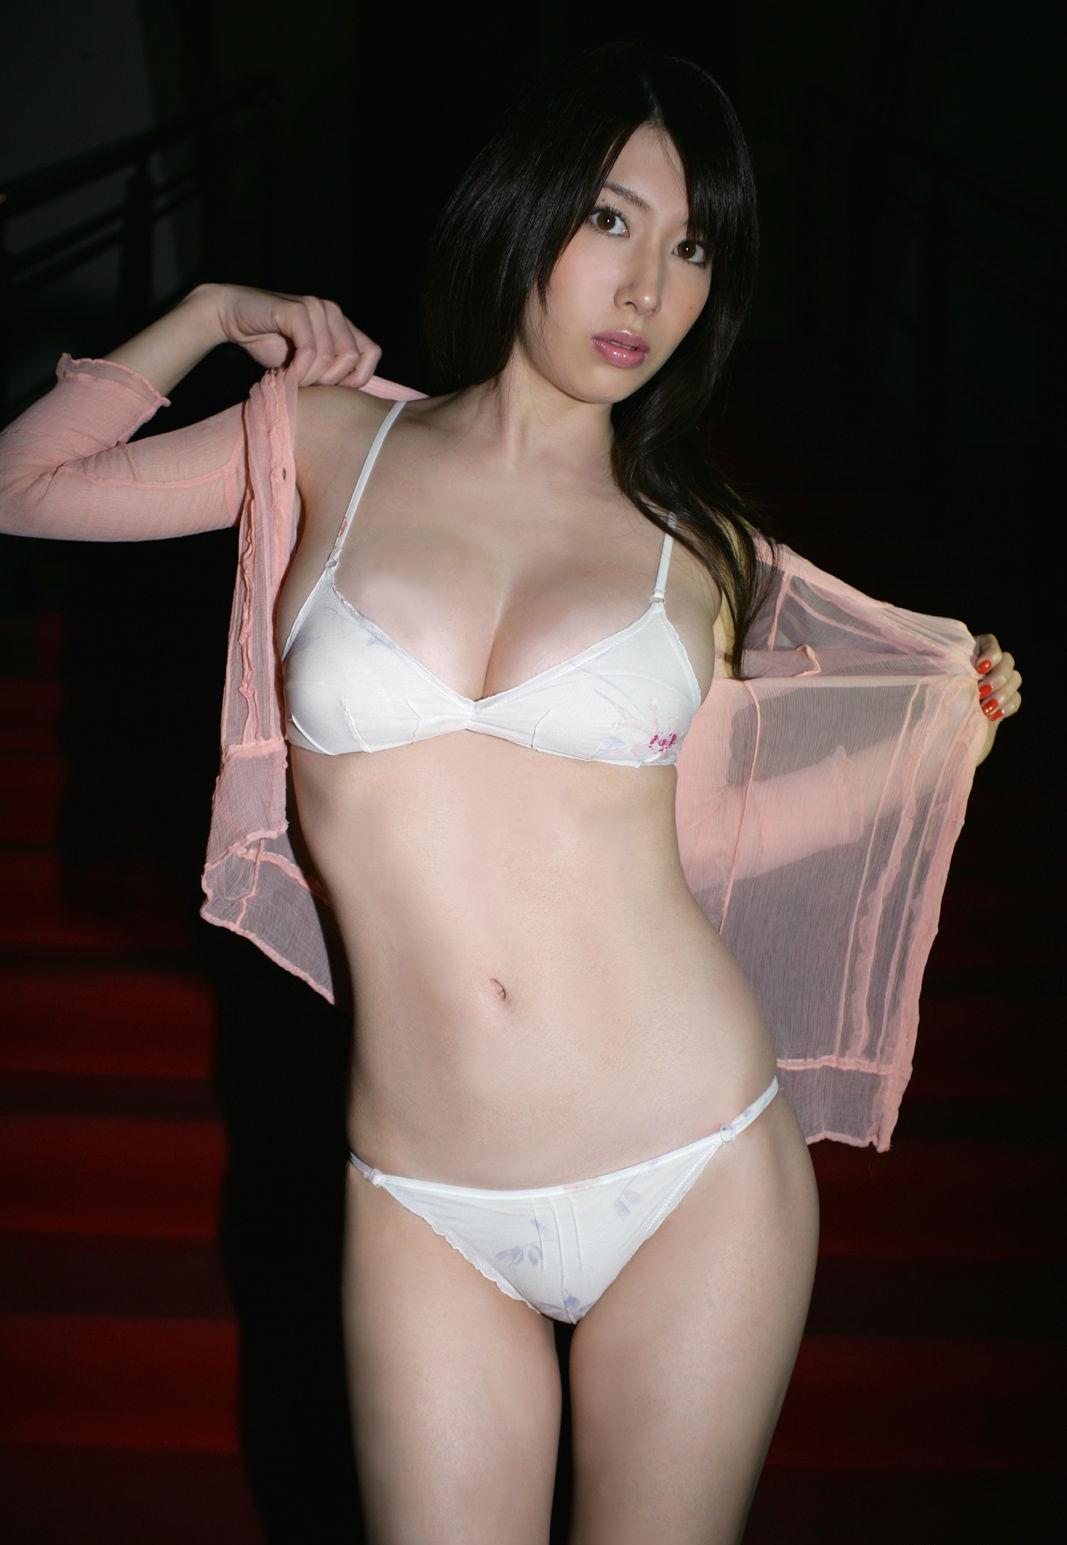 小林恵美 画像 50